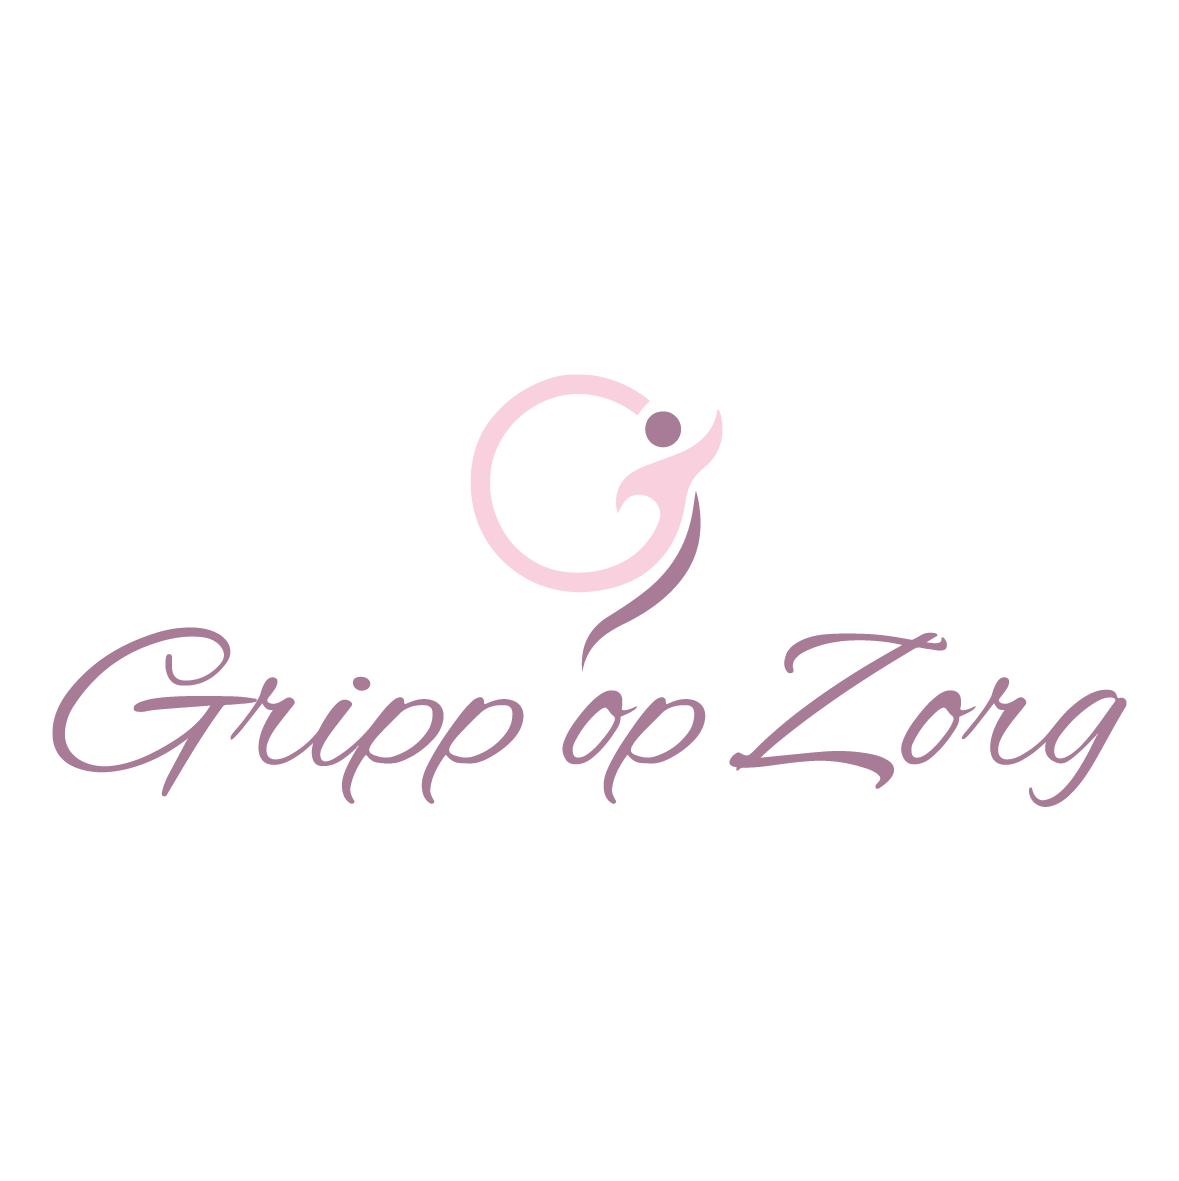 Gripp-op-zorg.png